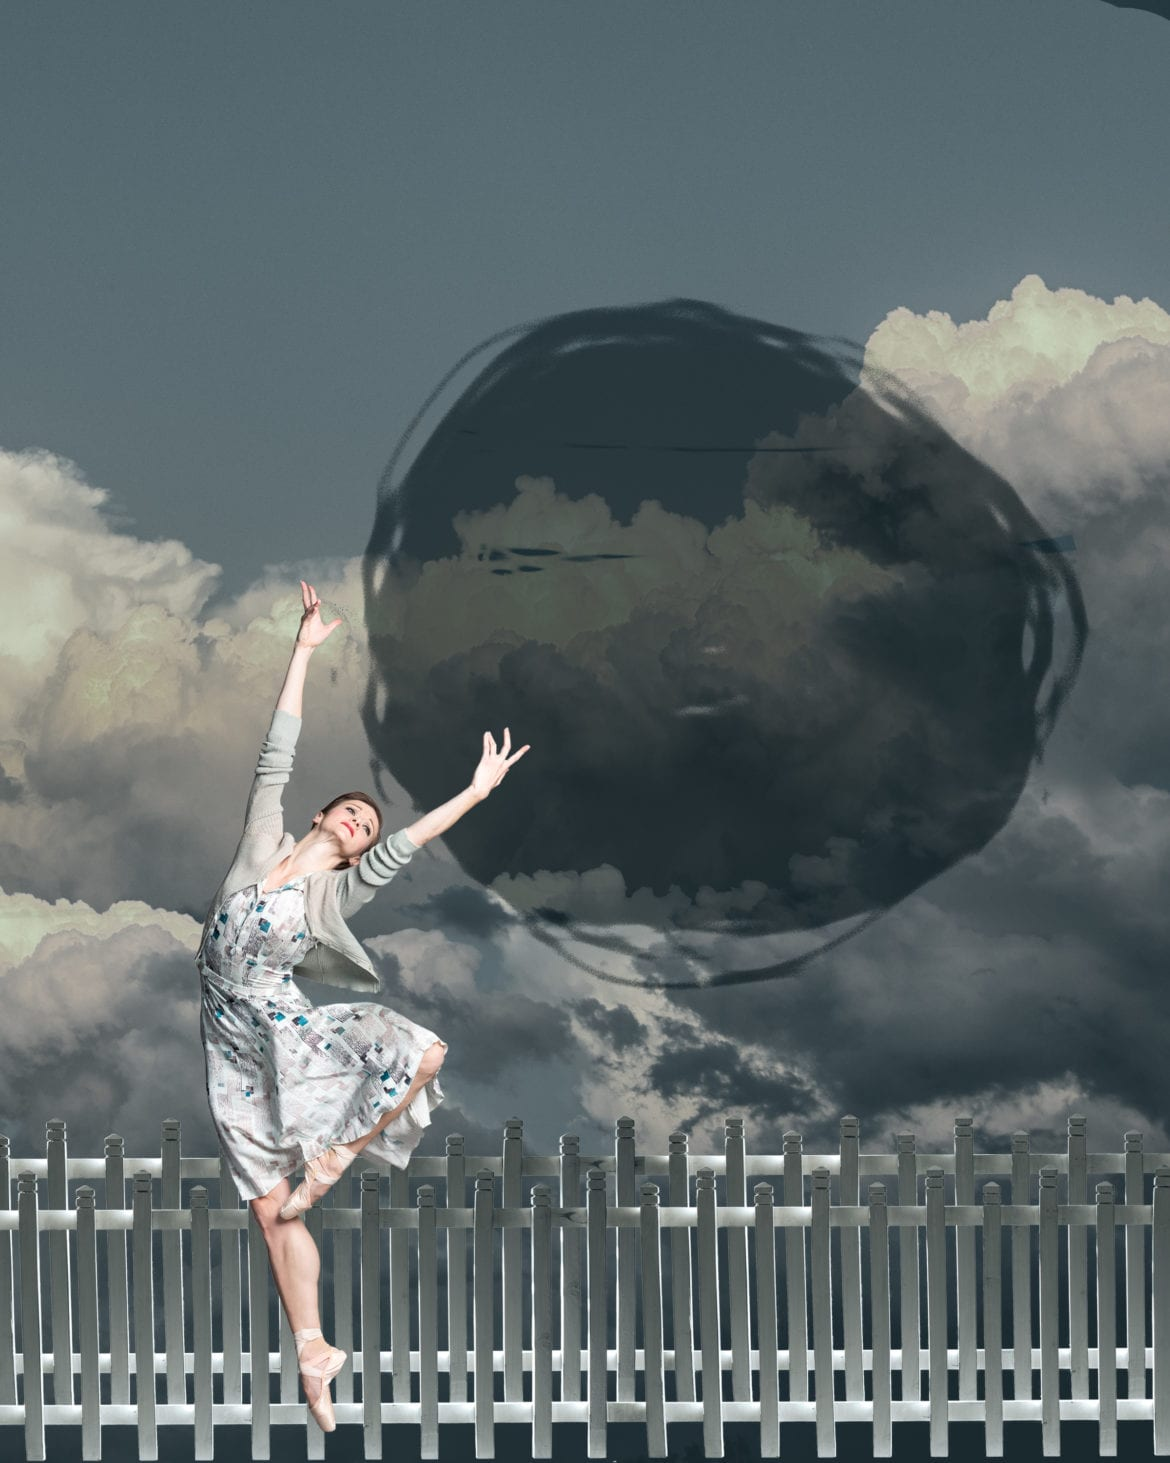 A woman dancing.